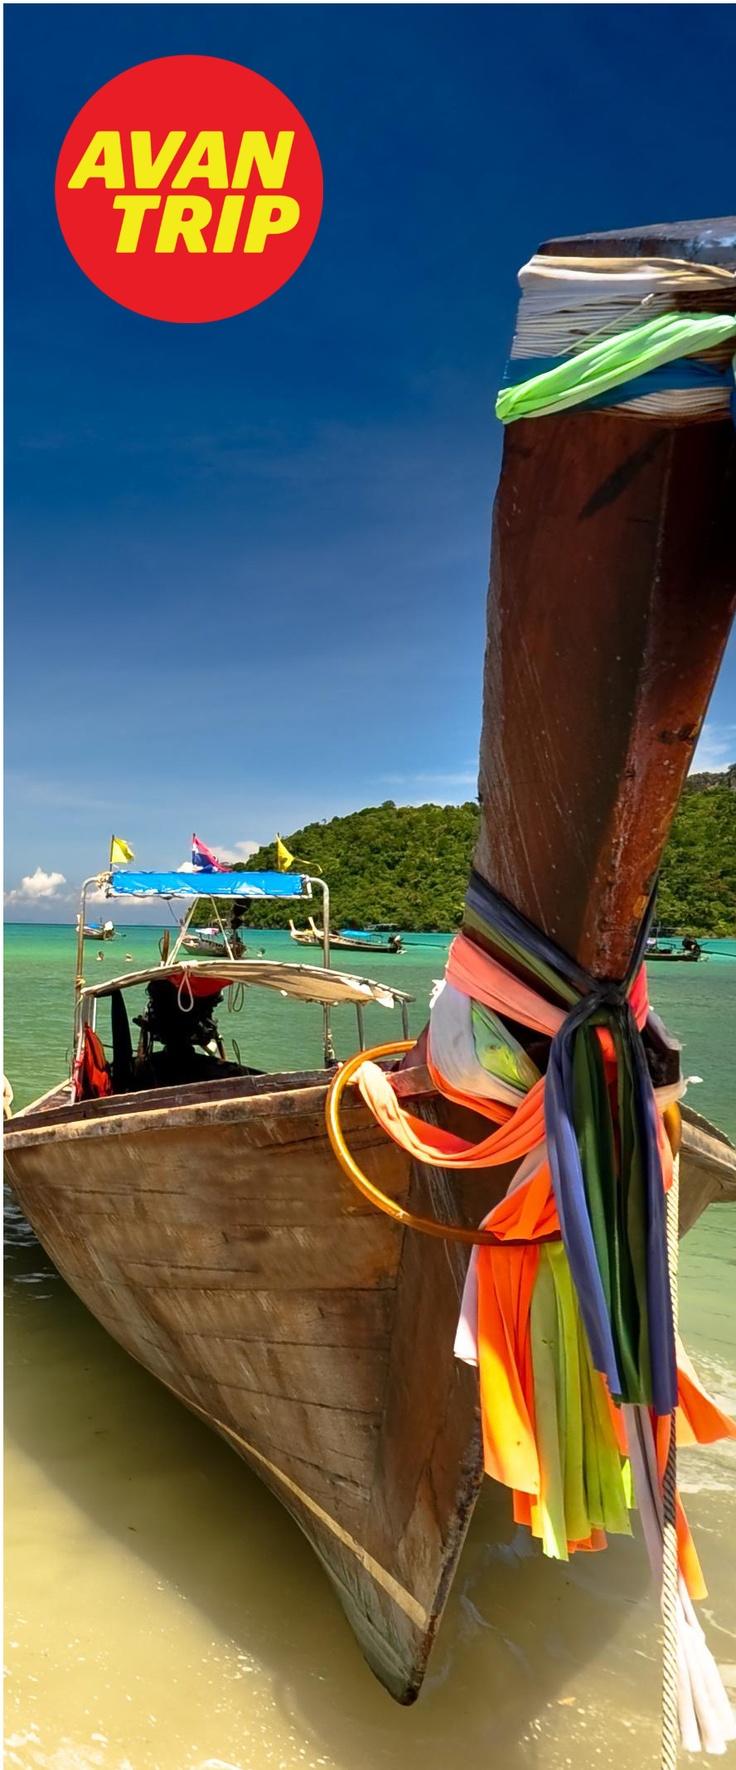 Adivinanza: ¿En qué país sacamos esta foto? La isla se hizo muy popular gracias a una película donde actua Leonardo Di Caprio, ¿sabés cómo se llama? - Contestá con #AvantripQuizViajero - Mucha Suerte! ----- Respuesta: #Tailandia #KoPhiPhi #Thailand